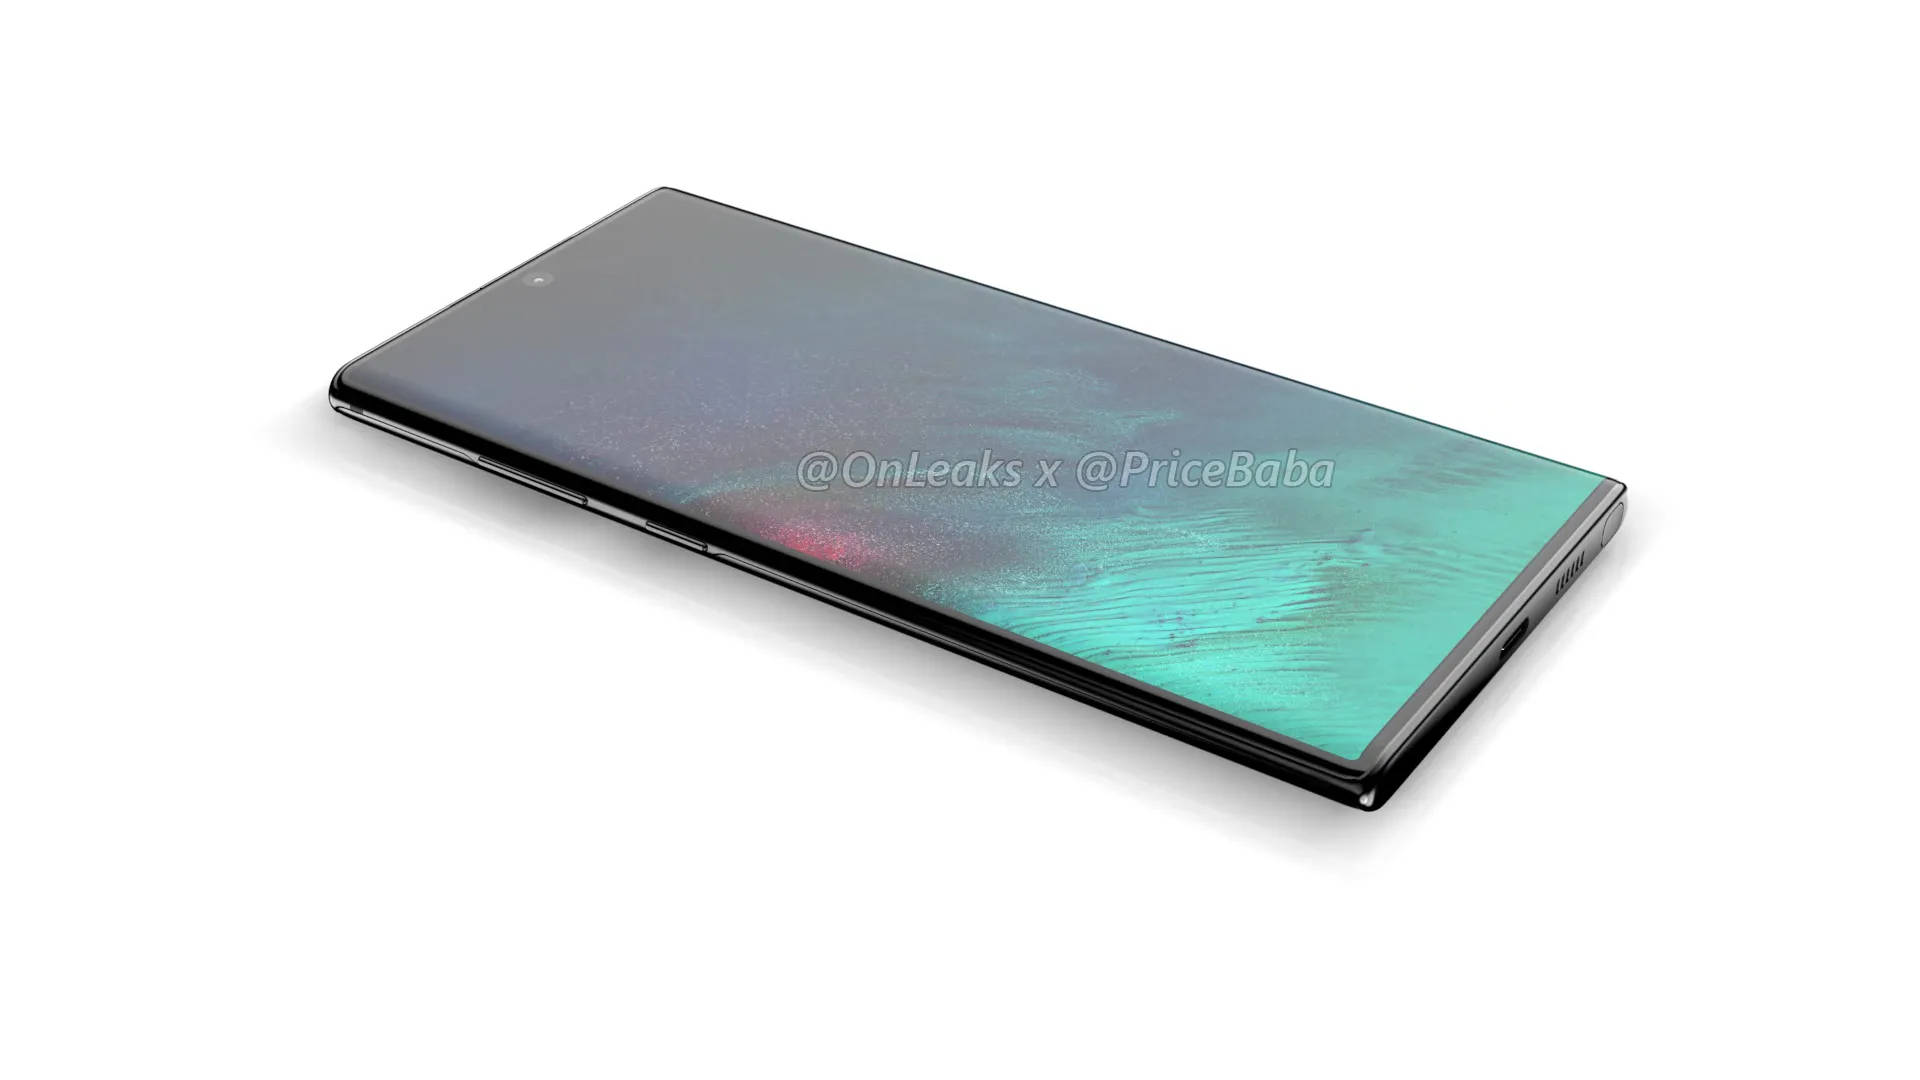 Samsung Galaxy Note 10 Pro rendery Onleaks przecieki wycieki plotki kiedy premiera specyfikacja techniczna